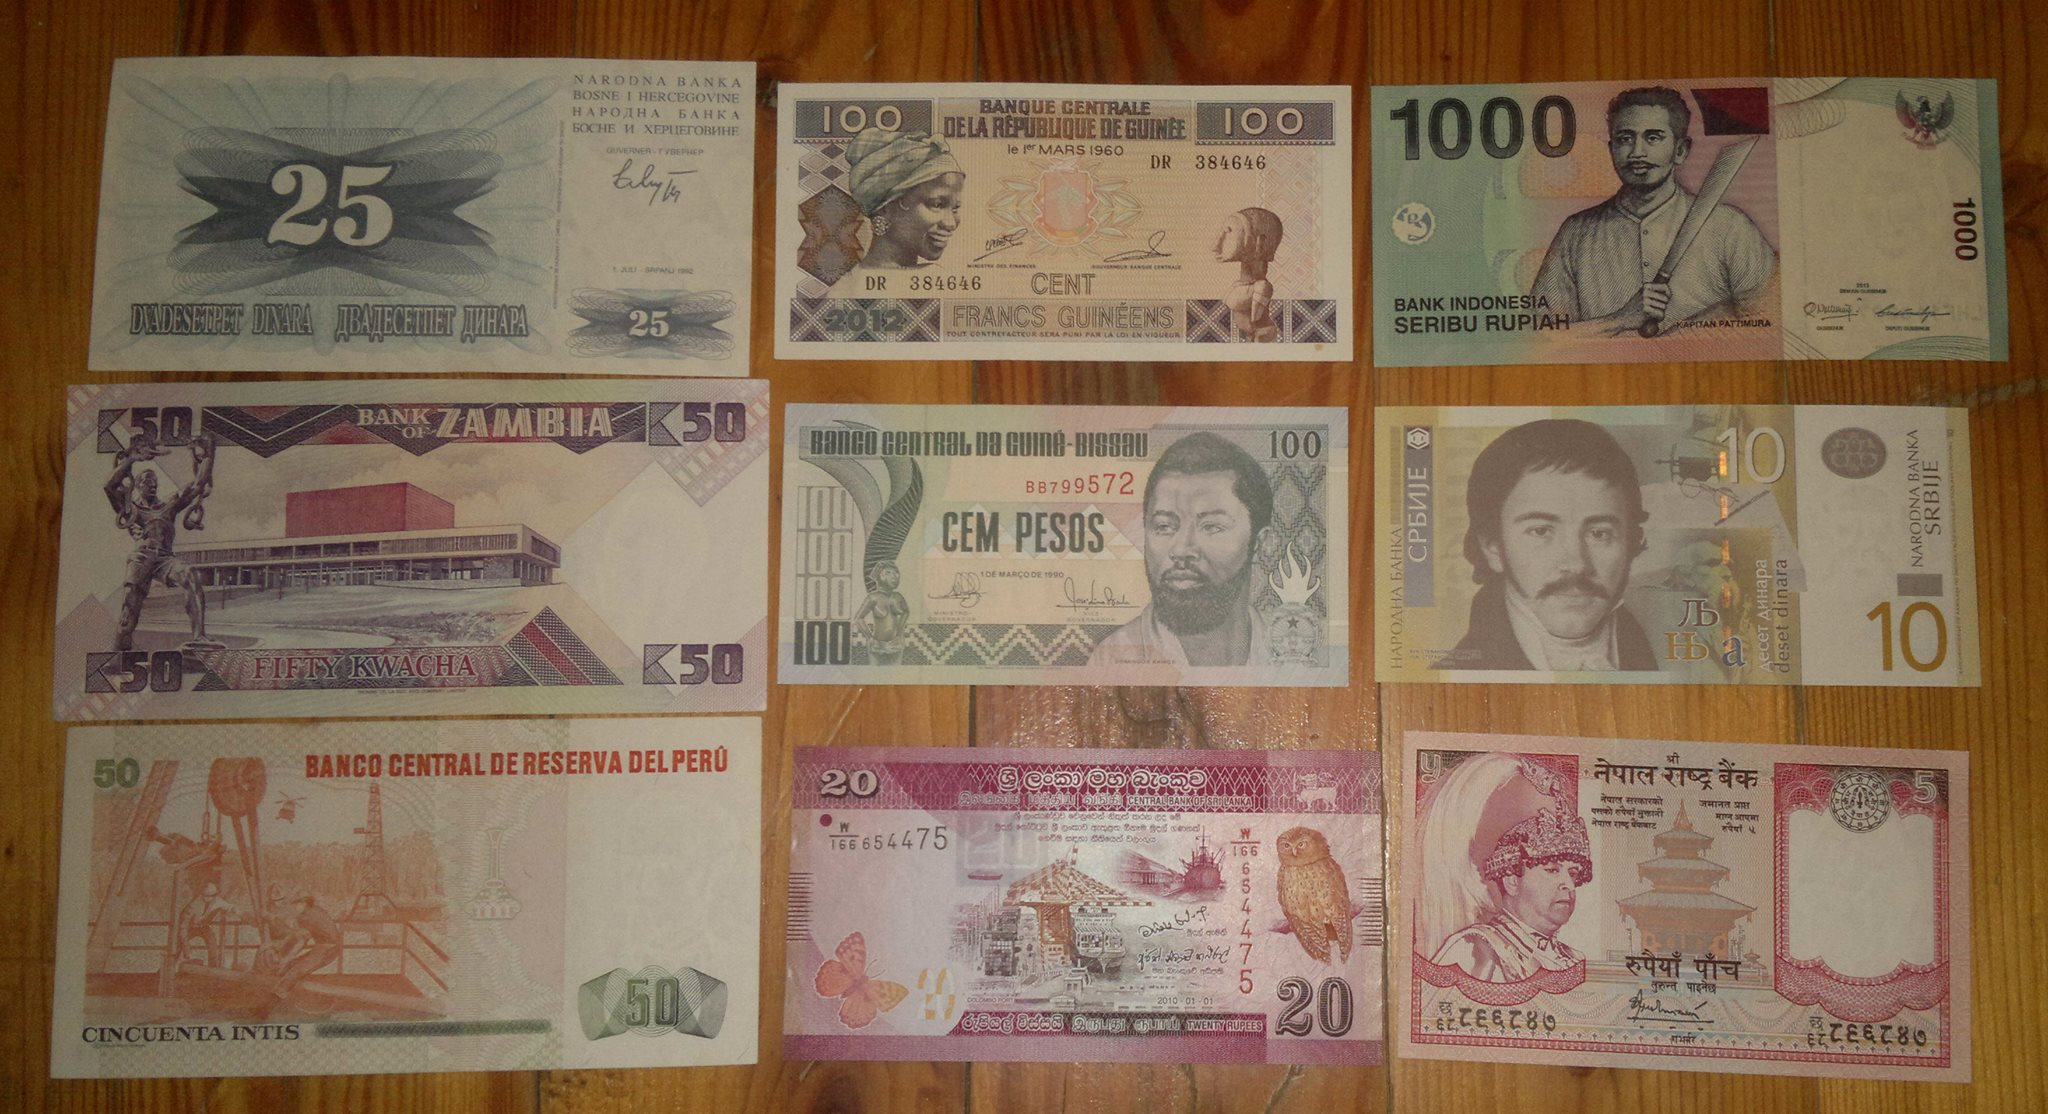 Müxtəlif ölkələrdən banknotlar satılır.